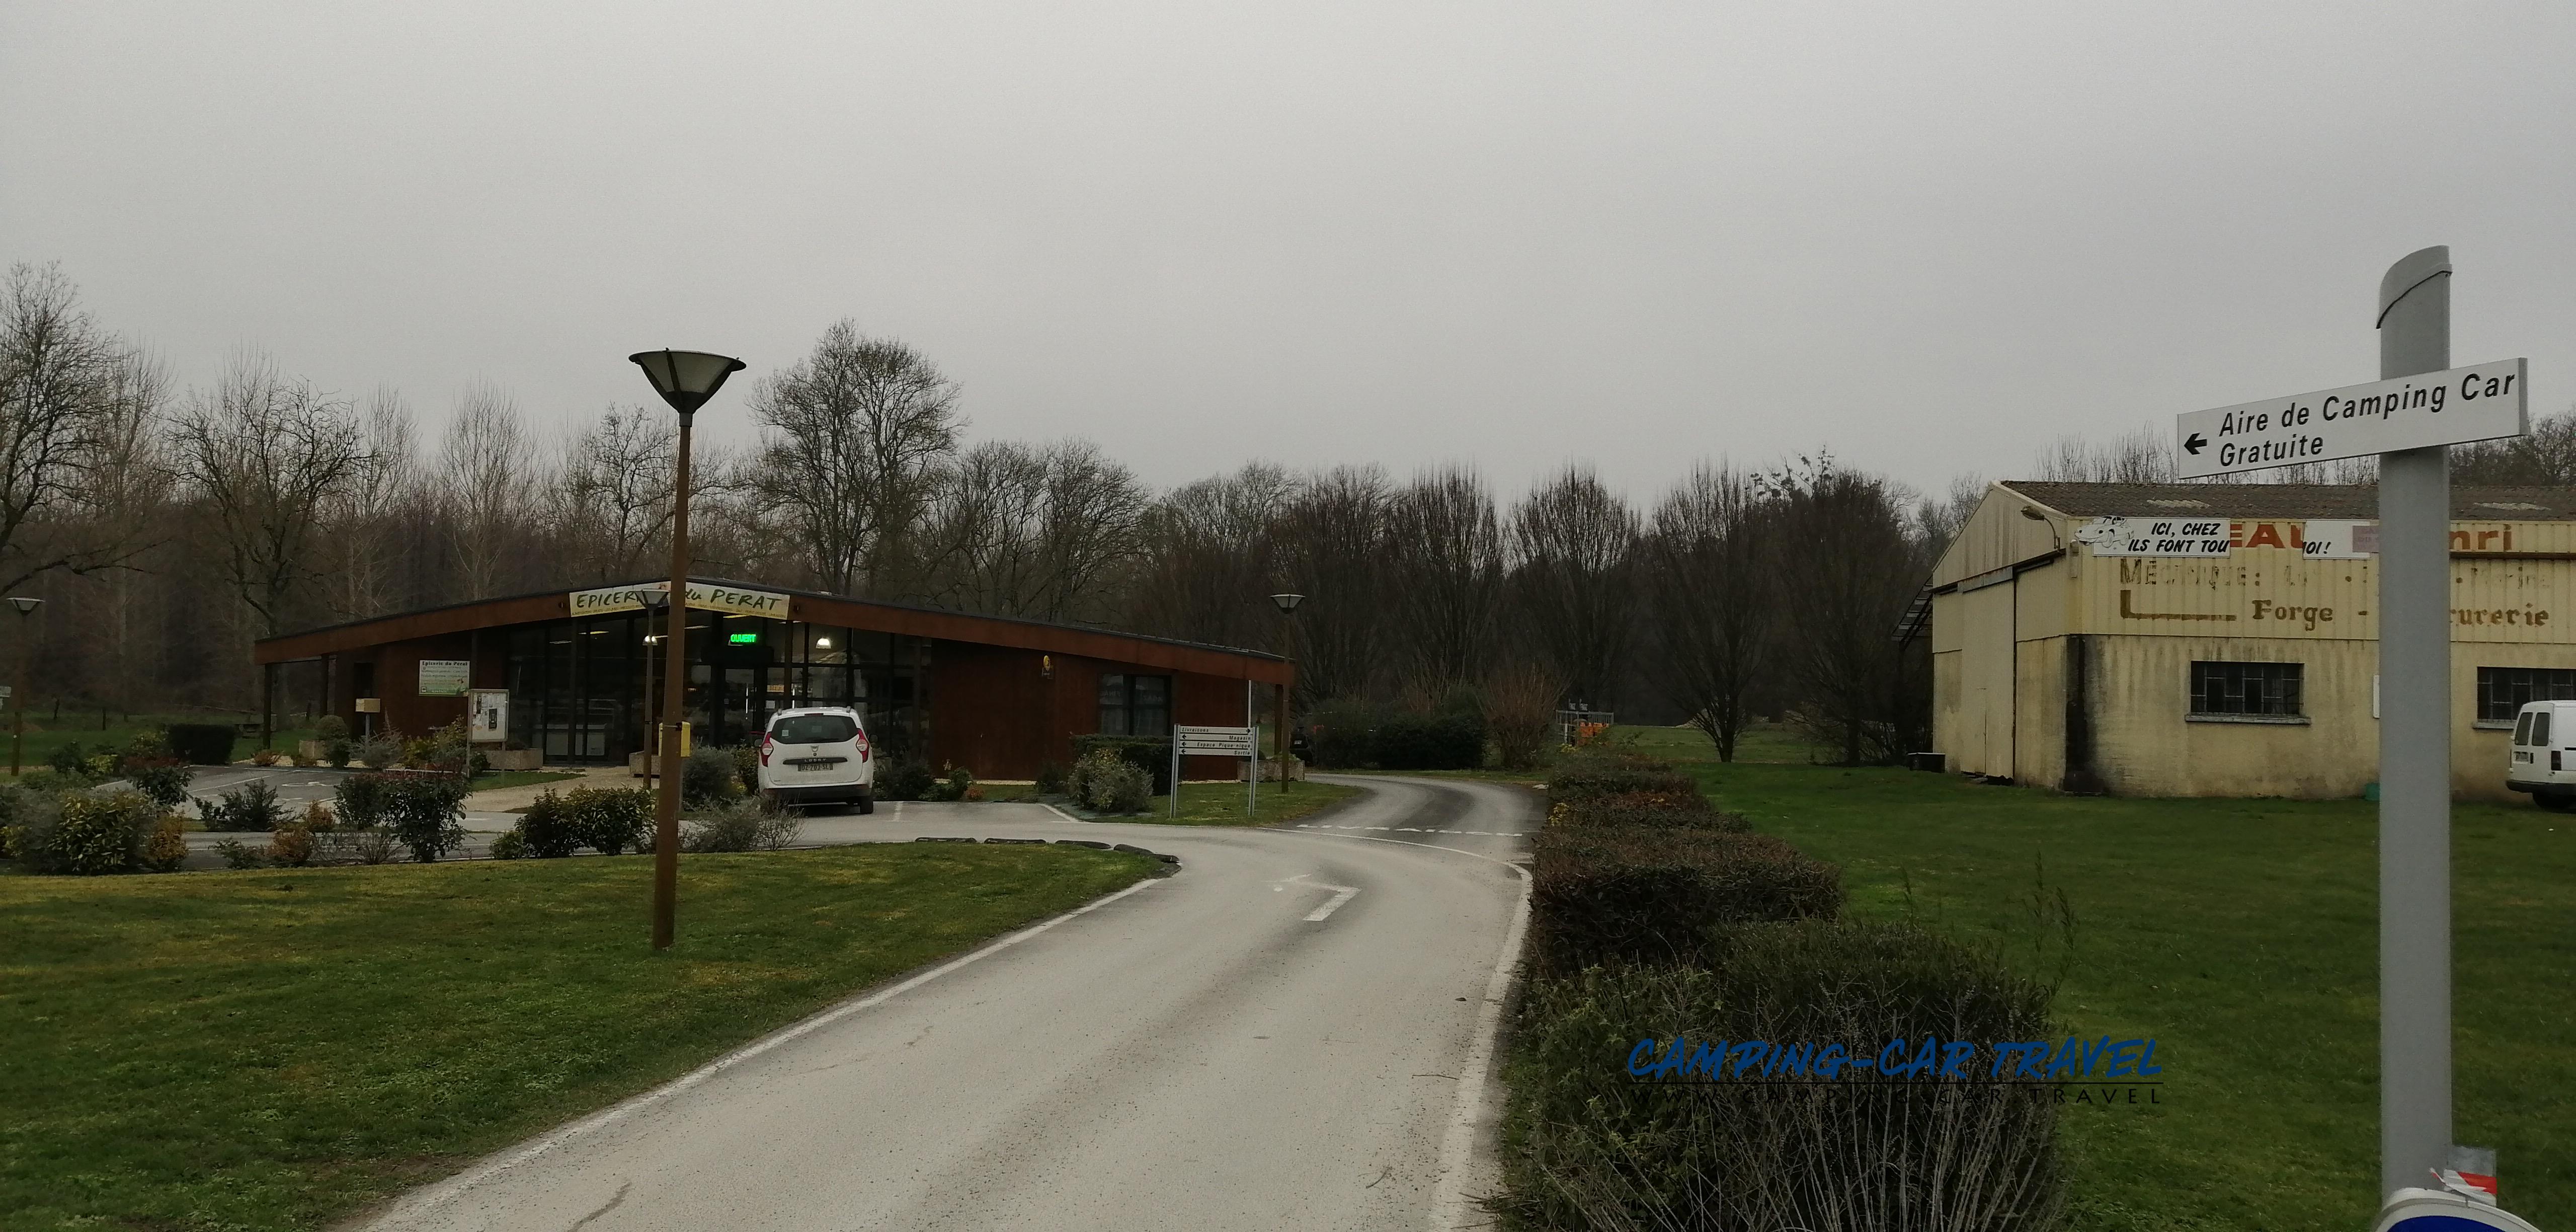 aire services camping car Saint-Dizant-du-Gua Charente-Maritime Poitou-Charentes